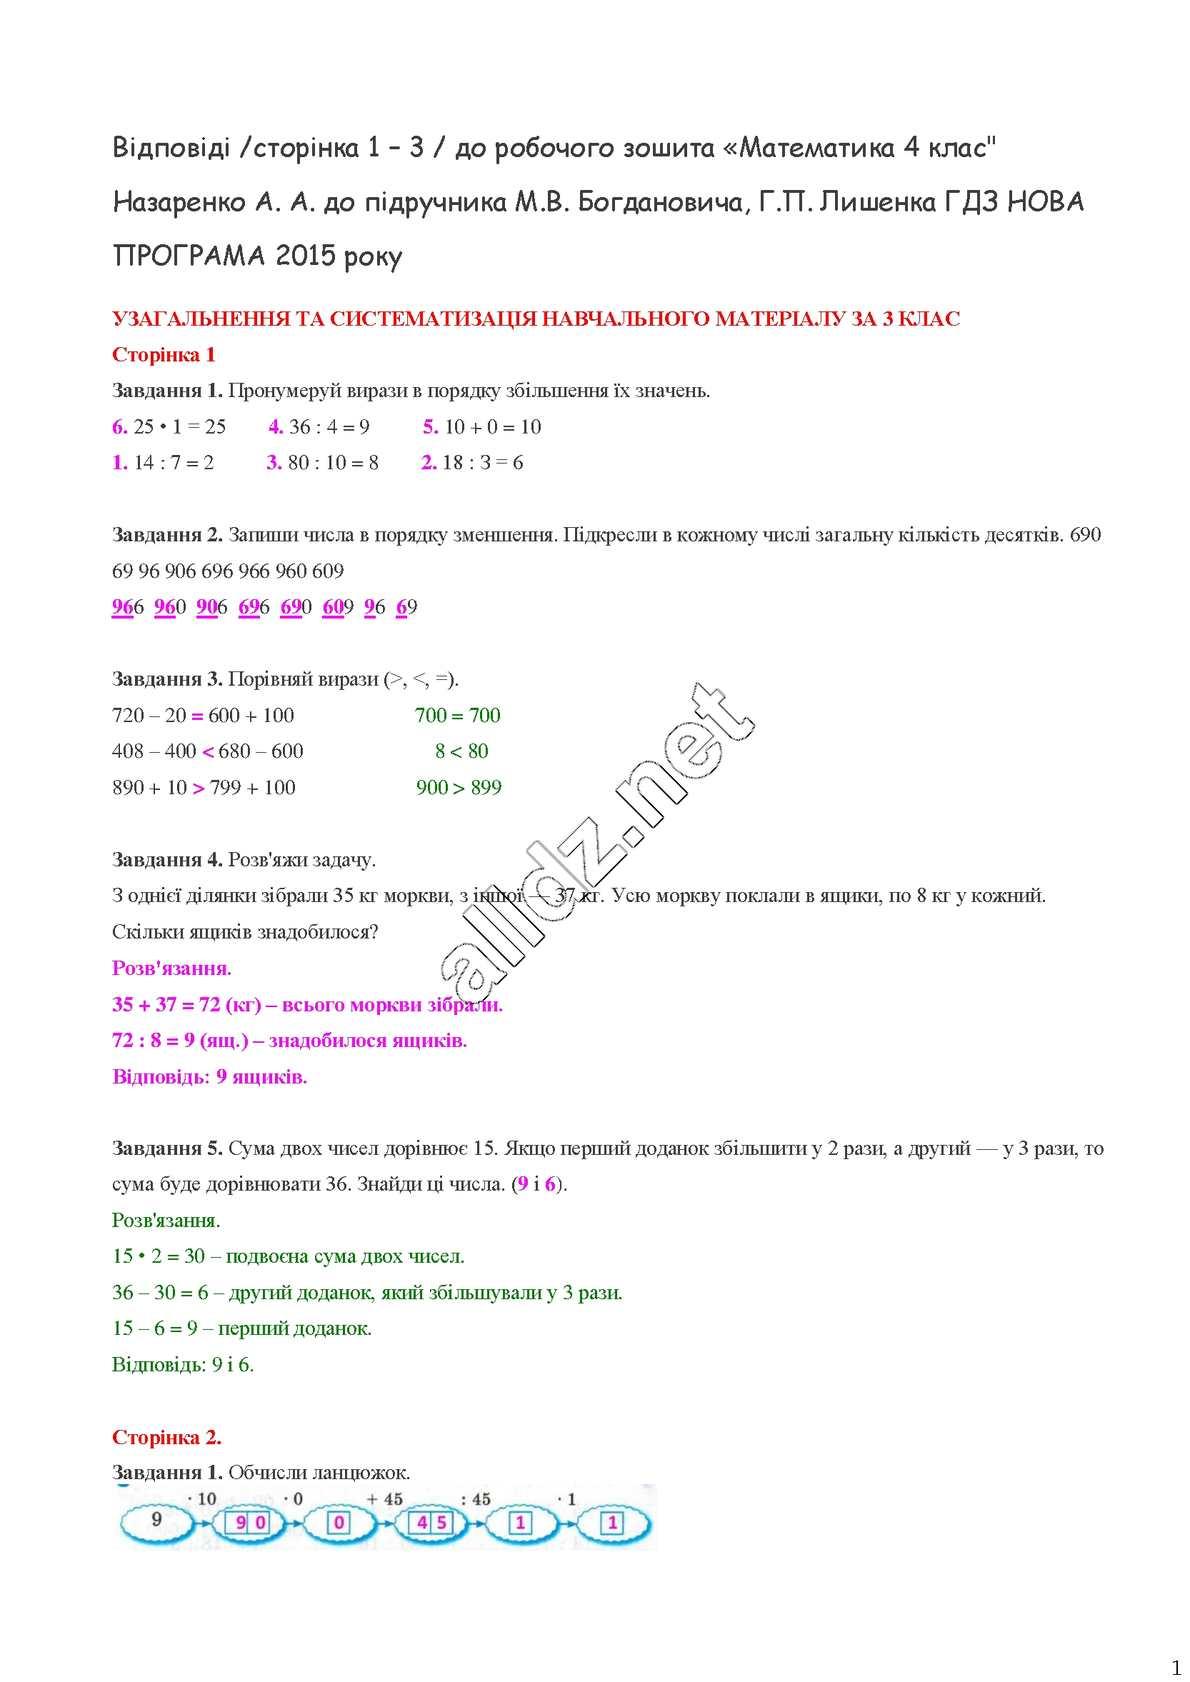 Решыть задания по математике за первый класс м в багданович г п лишенко